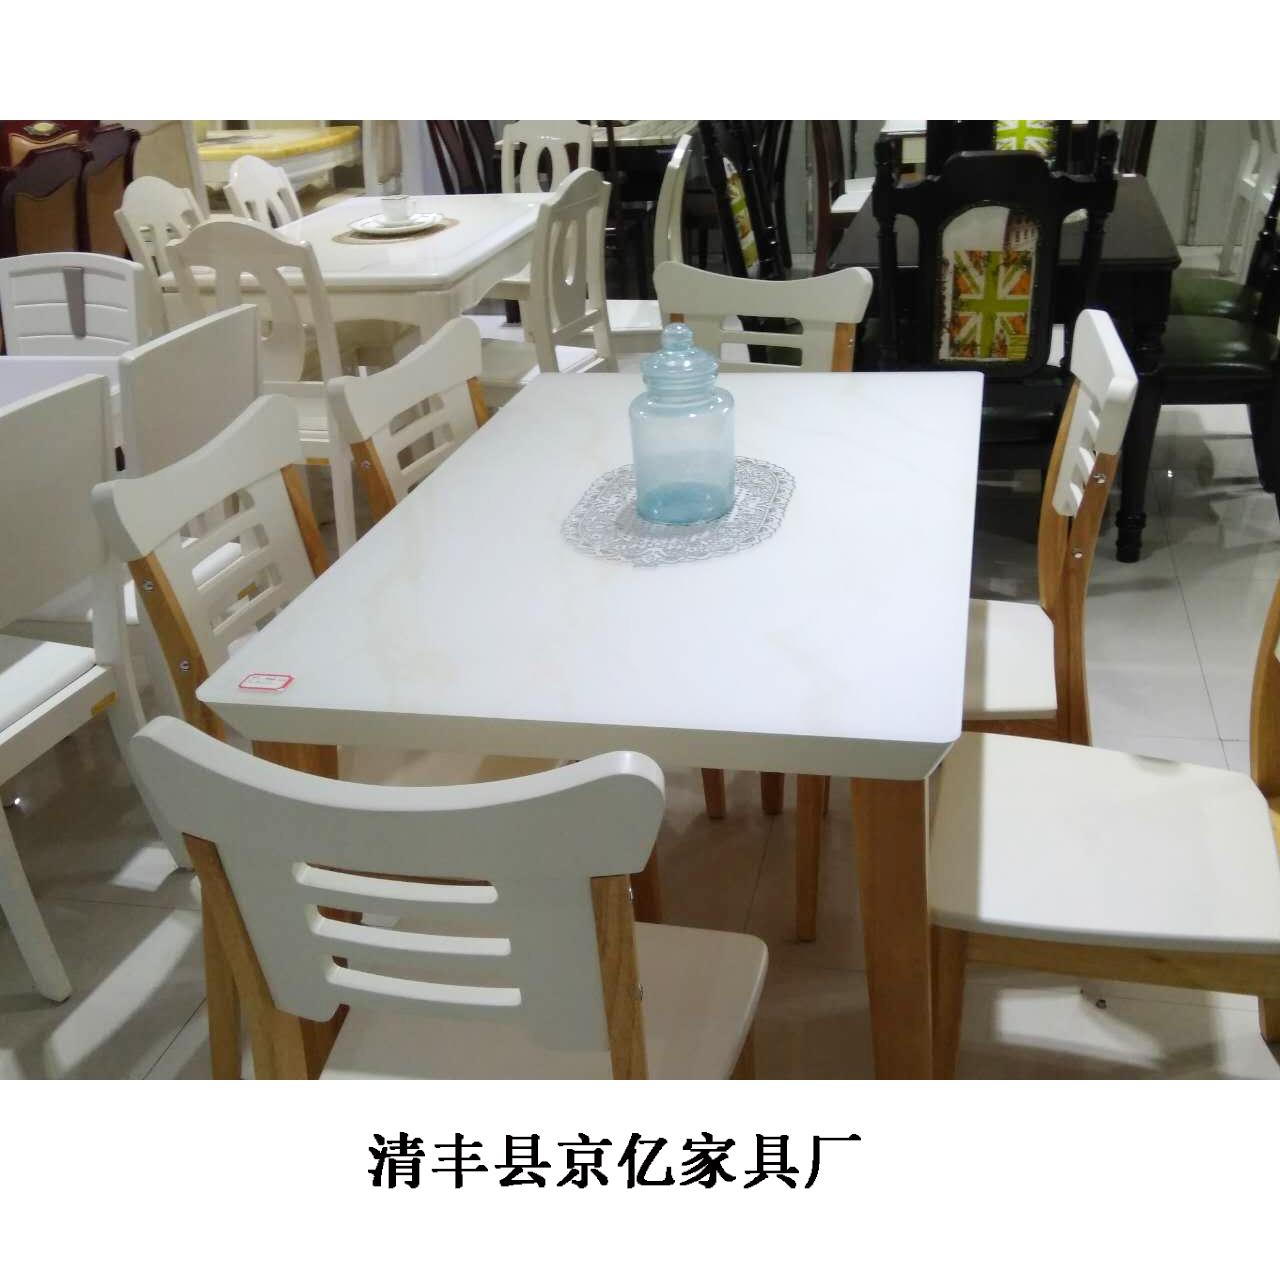 现代实木餐桌图片大全